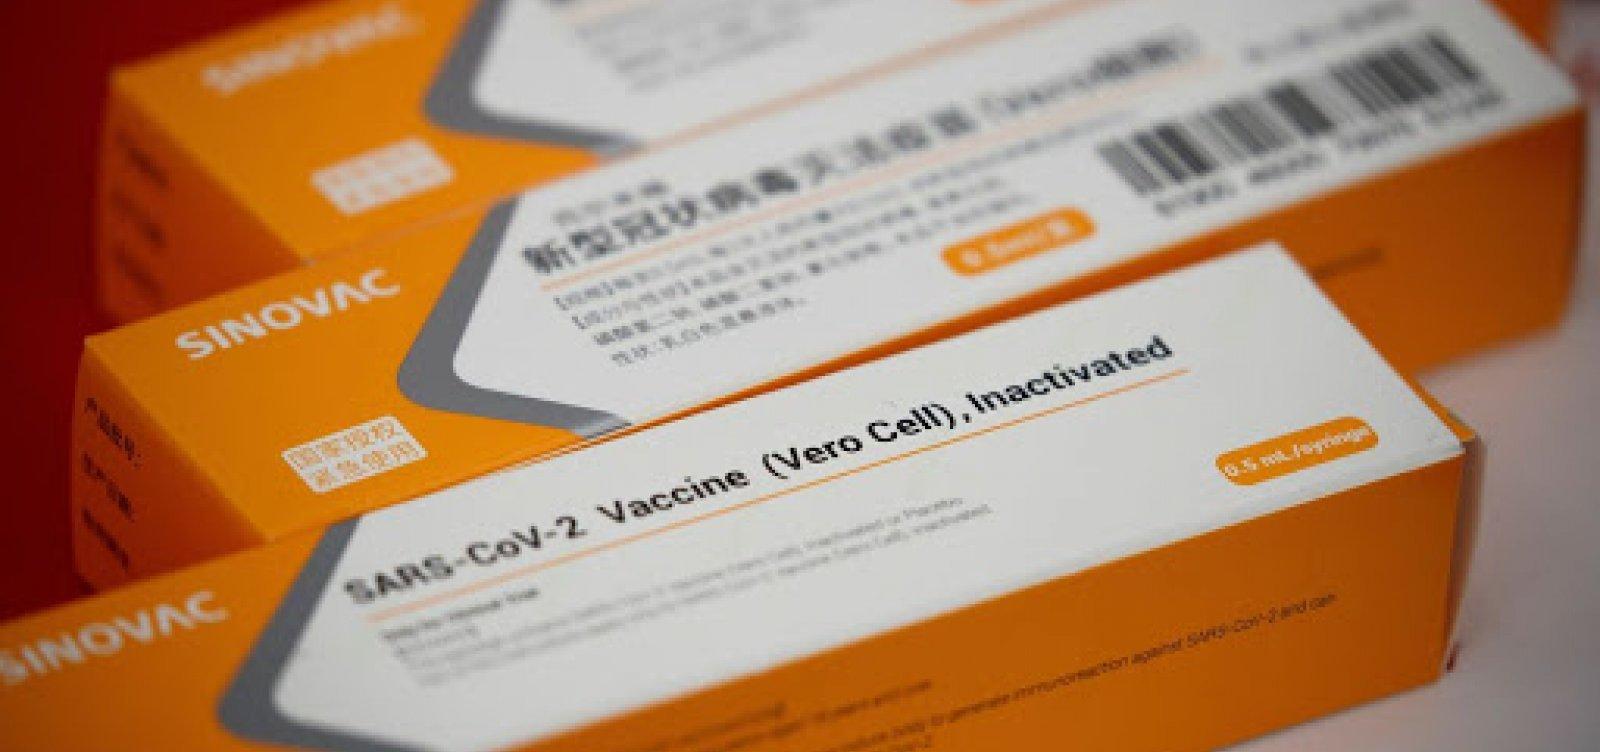 Ministério da Saúde assina compra de 54 milhões de doses da CoronaVac com Instituto Butantan